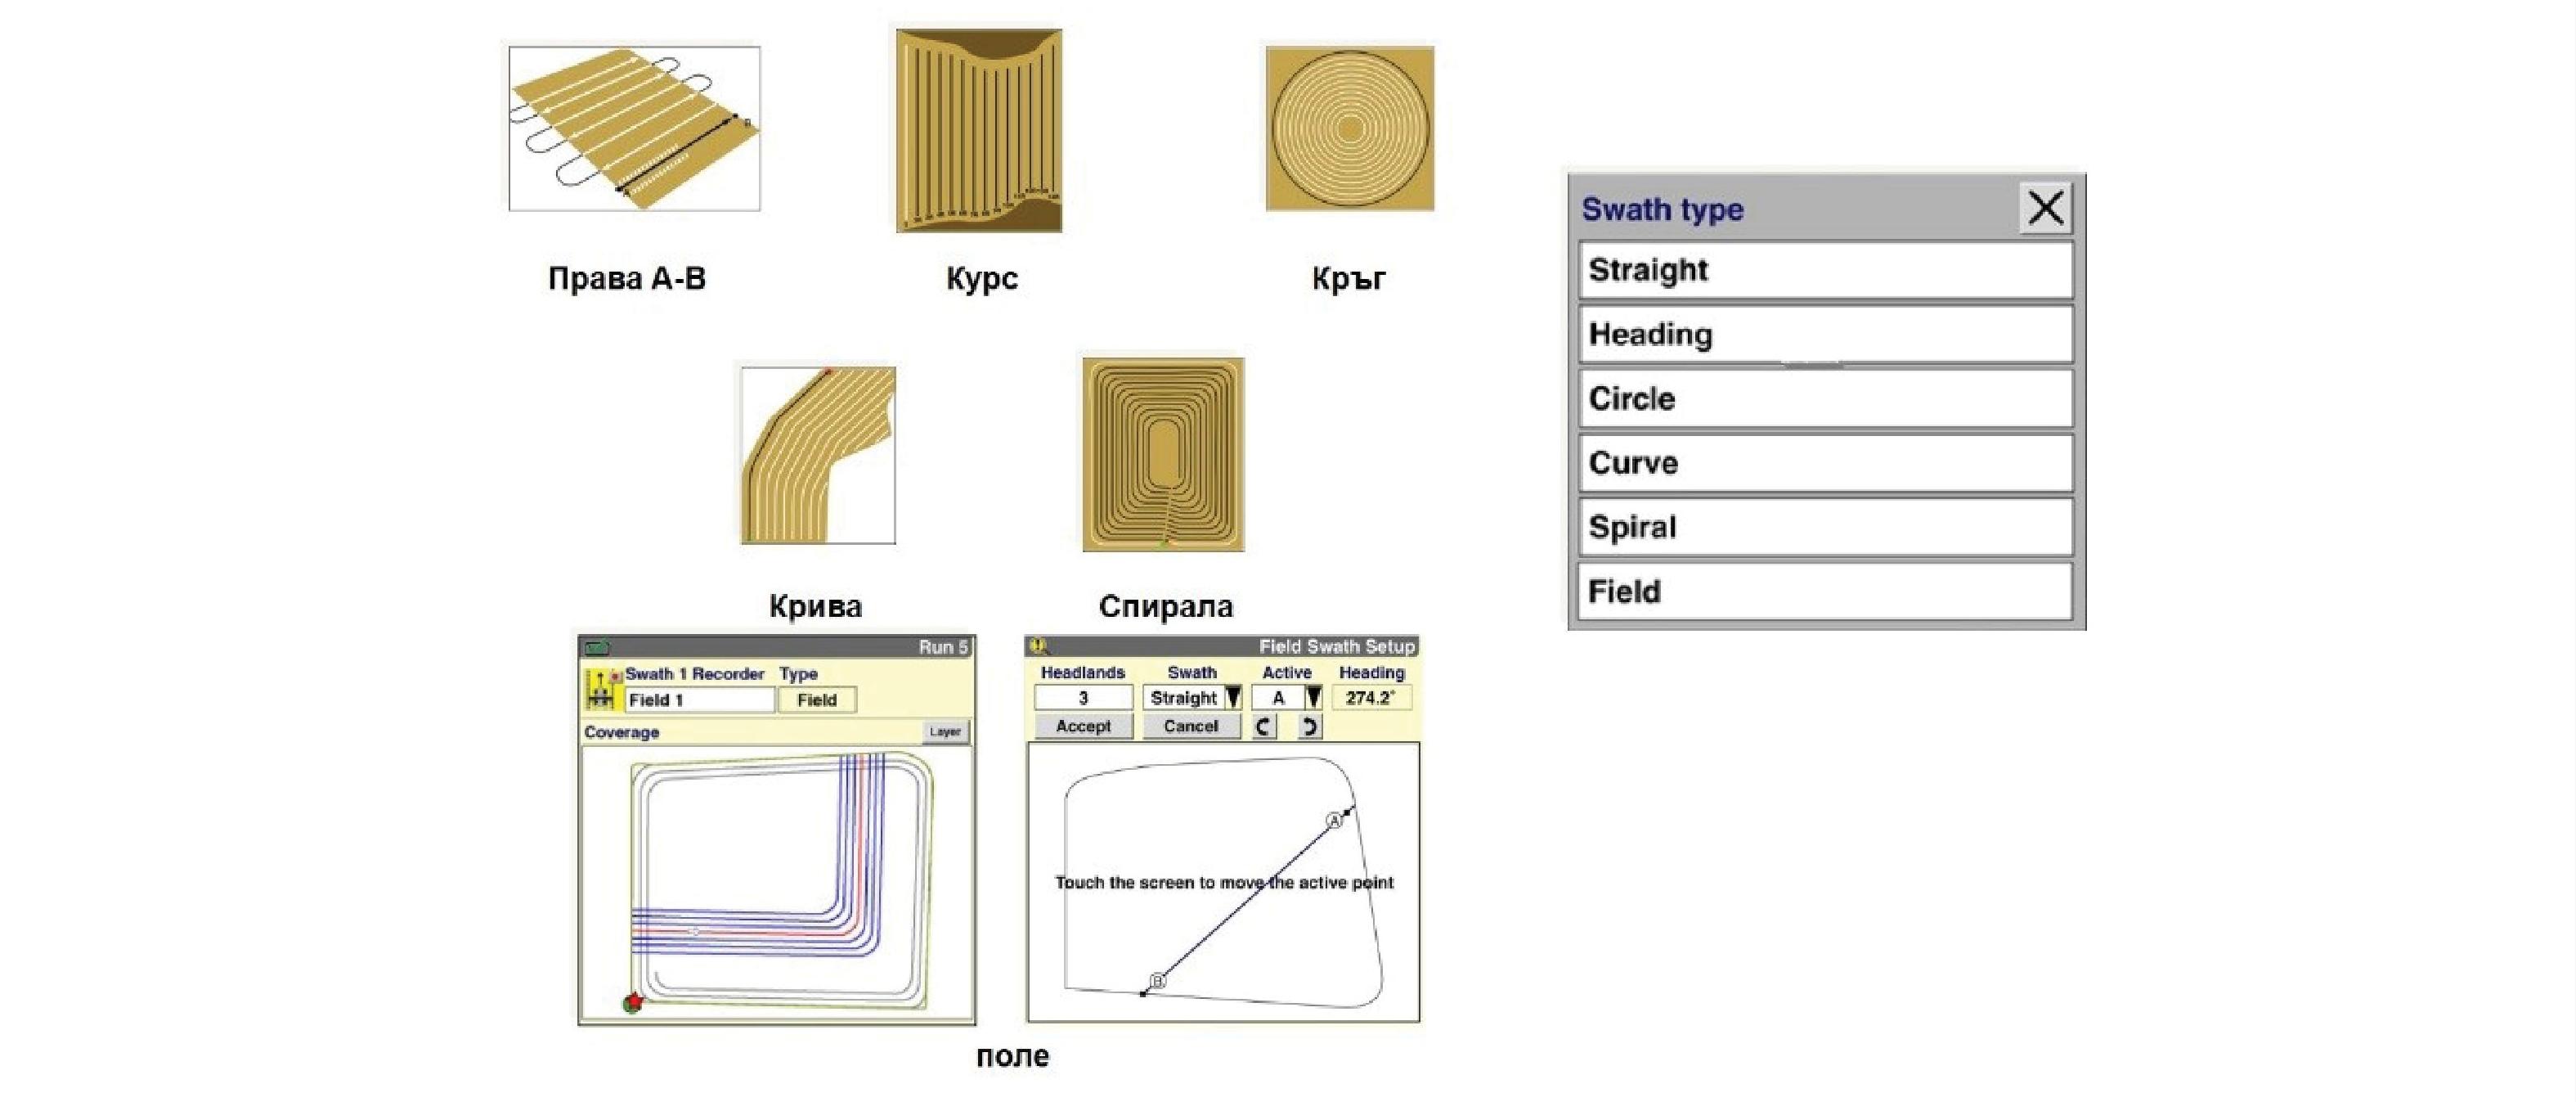 AFS-accuguide-presizion-farming-table